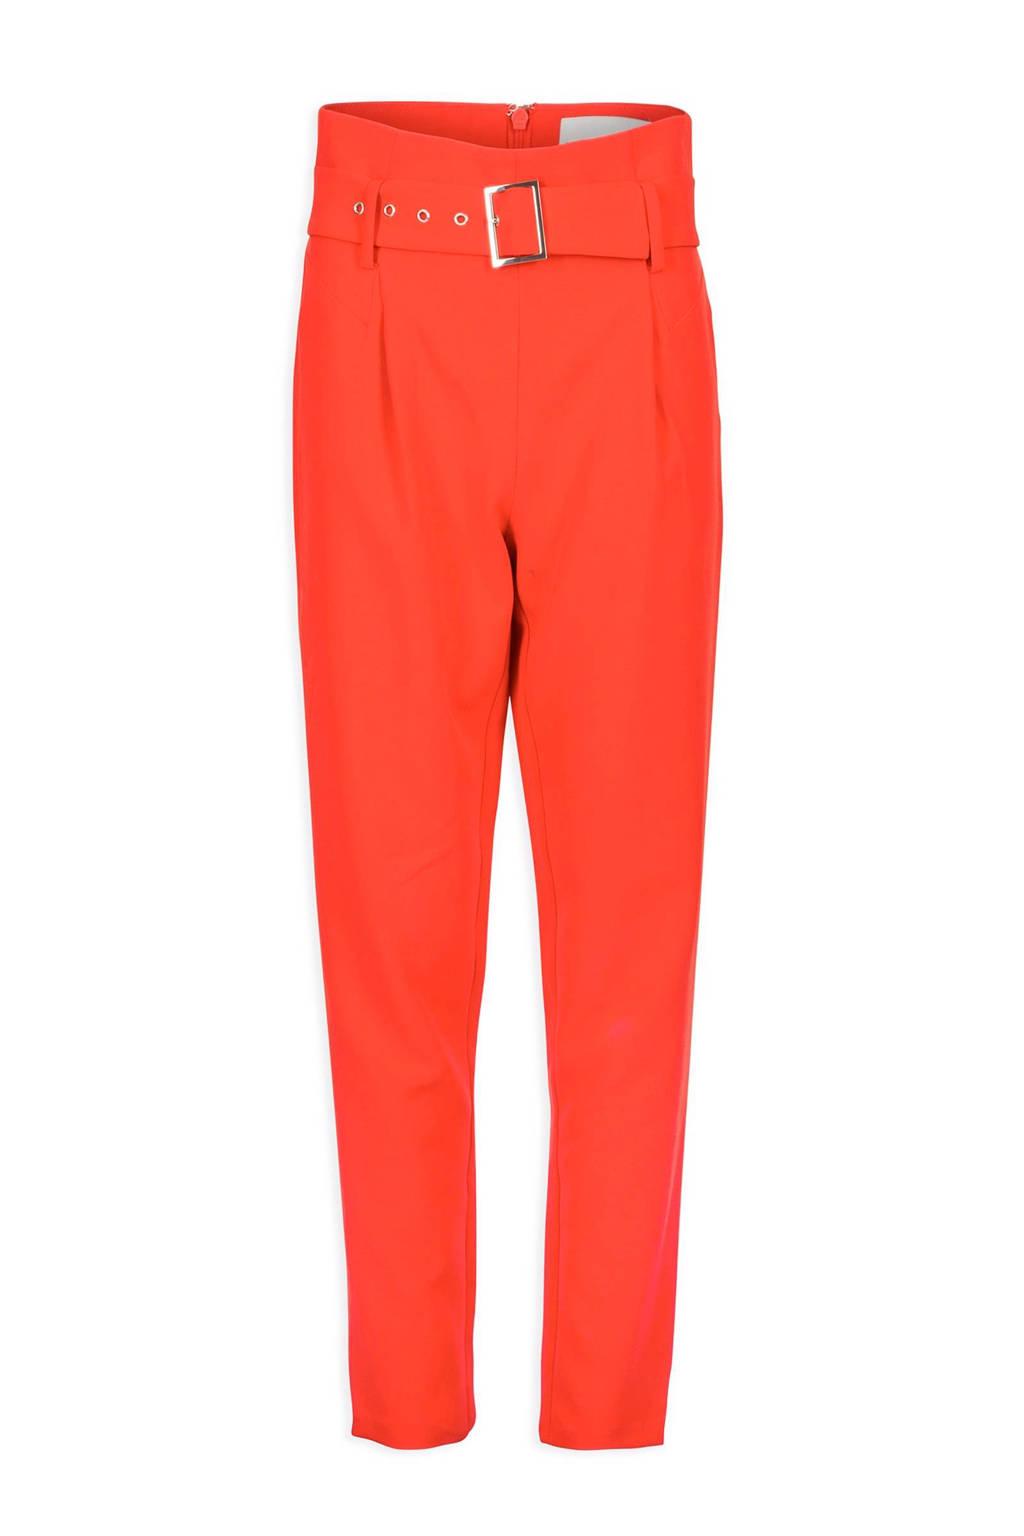 Morgan Georgia May Jagger cropped broek oranje, Oranje